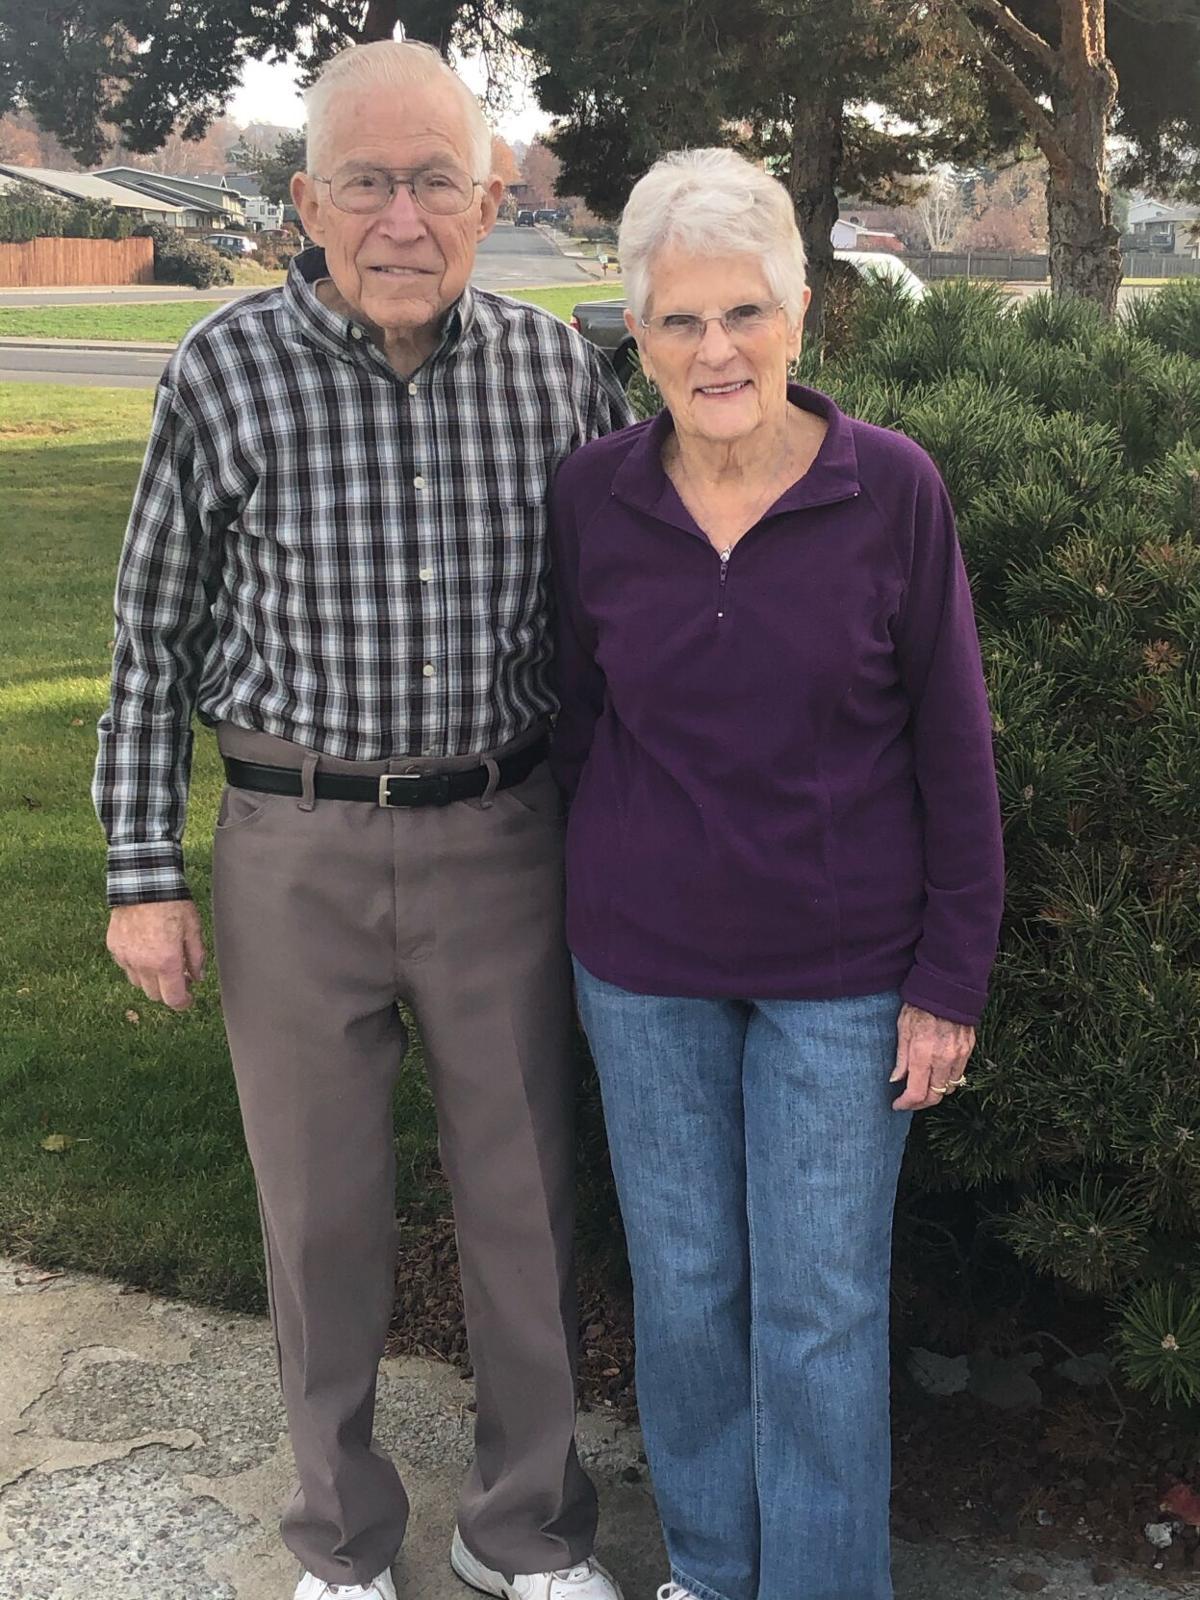 Bill and Virginia Johnson